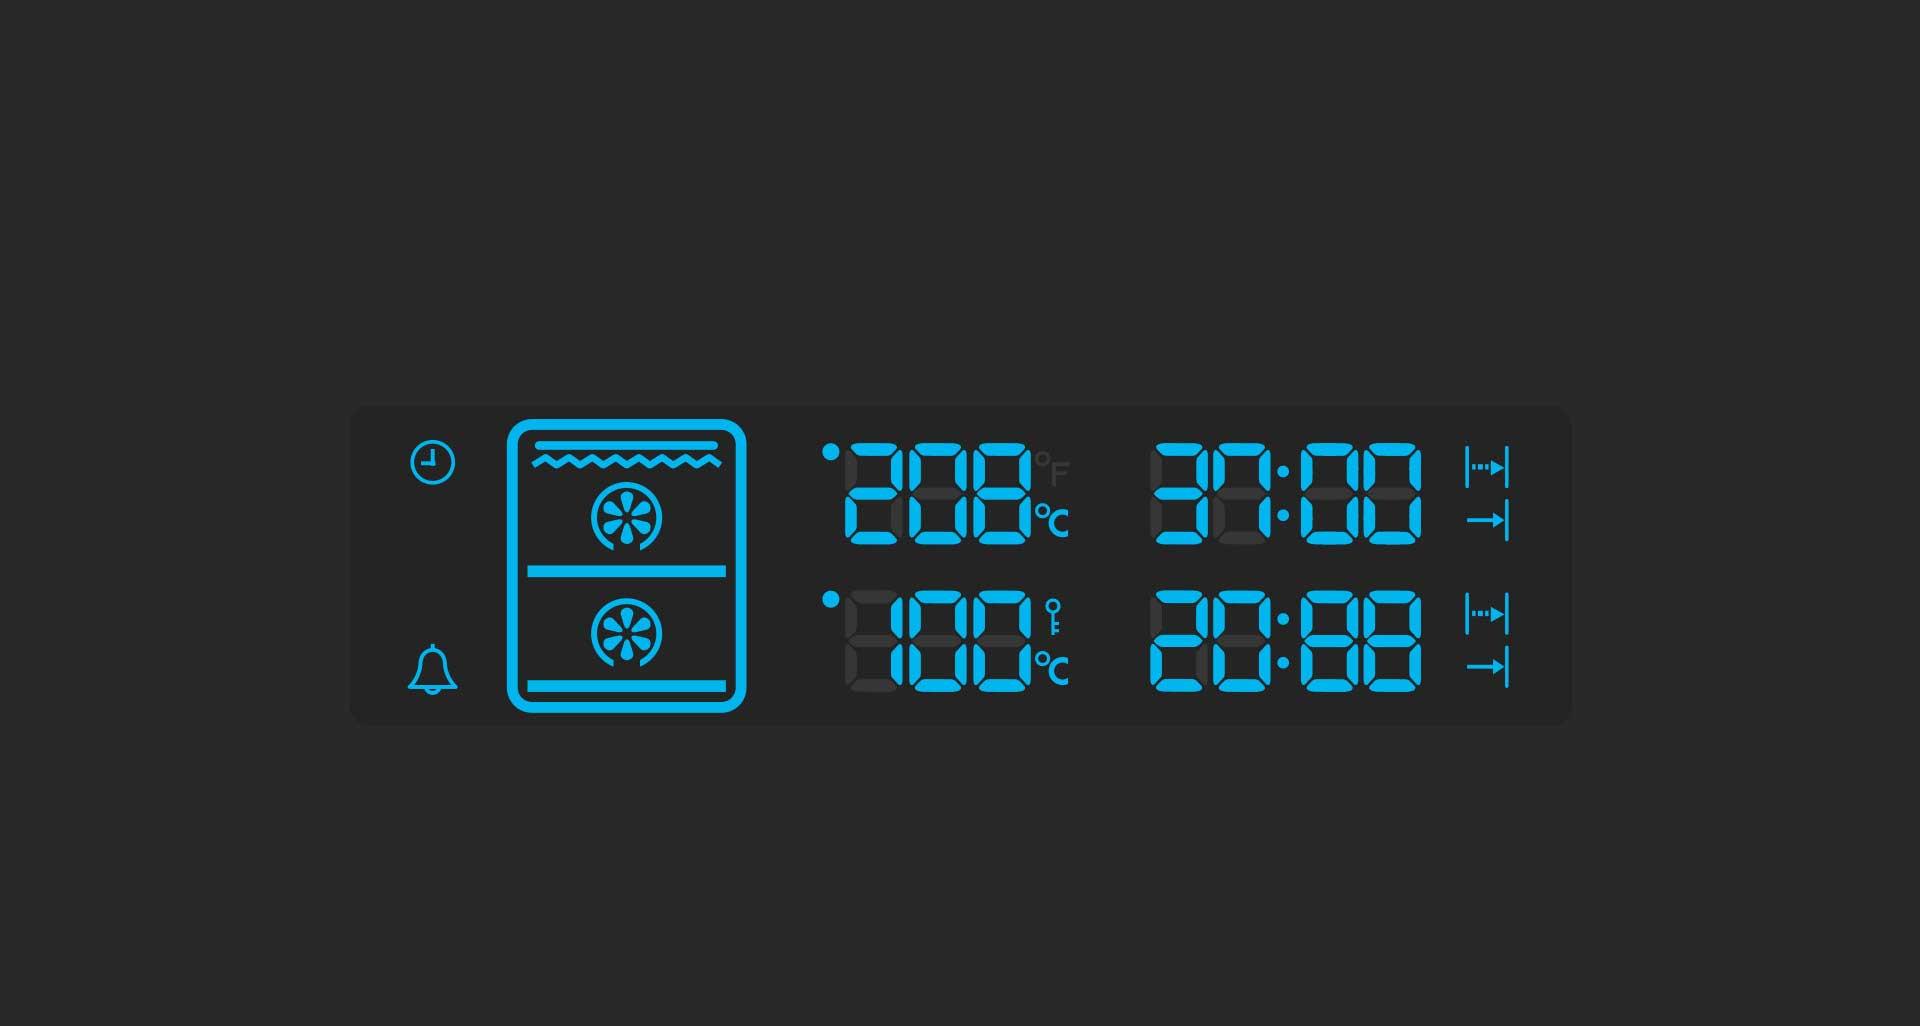 فر برقی NV690 با زمان بندی مناسب